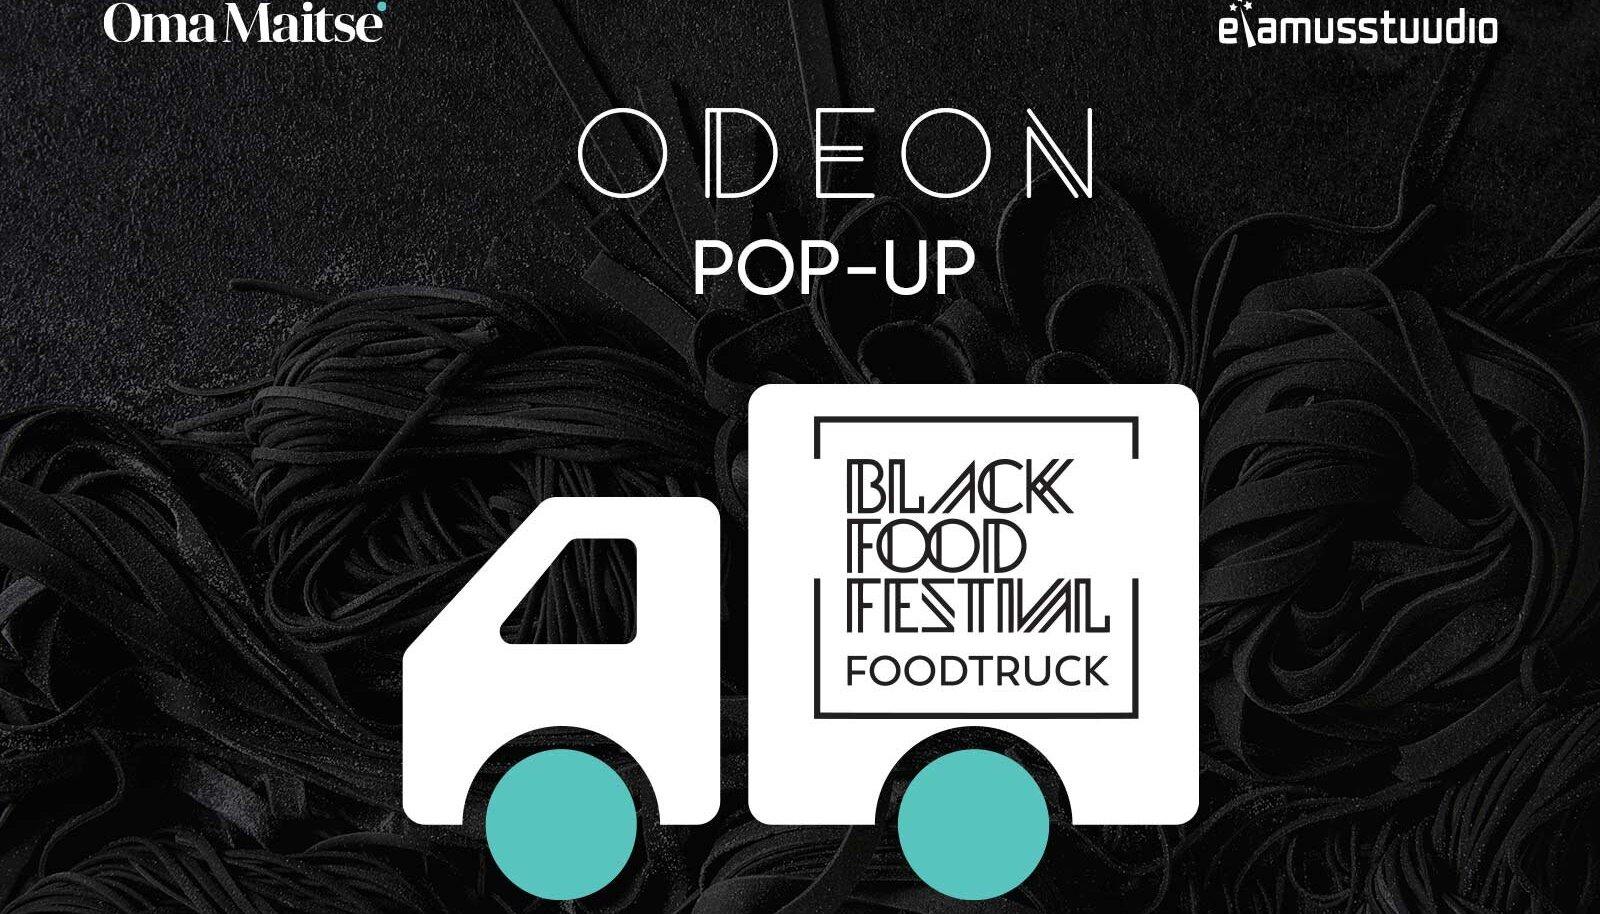 Odeon pop-up